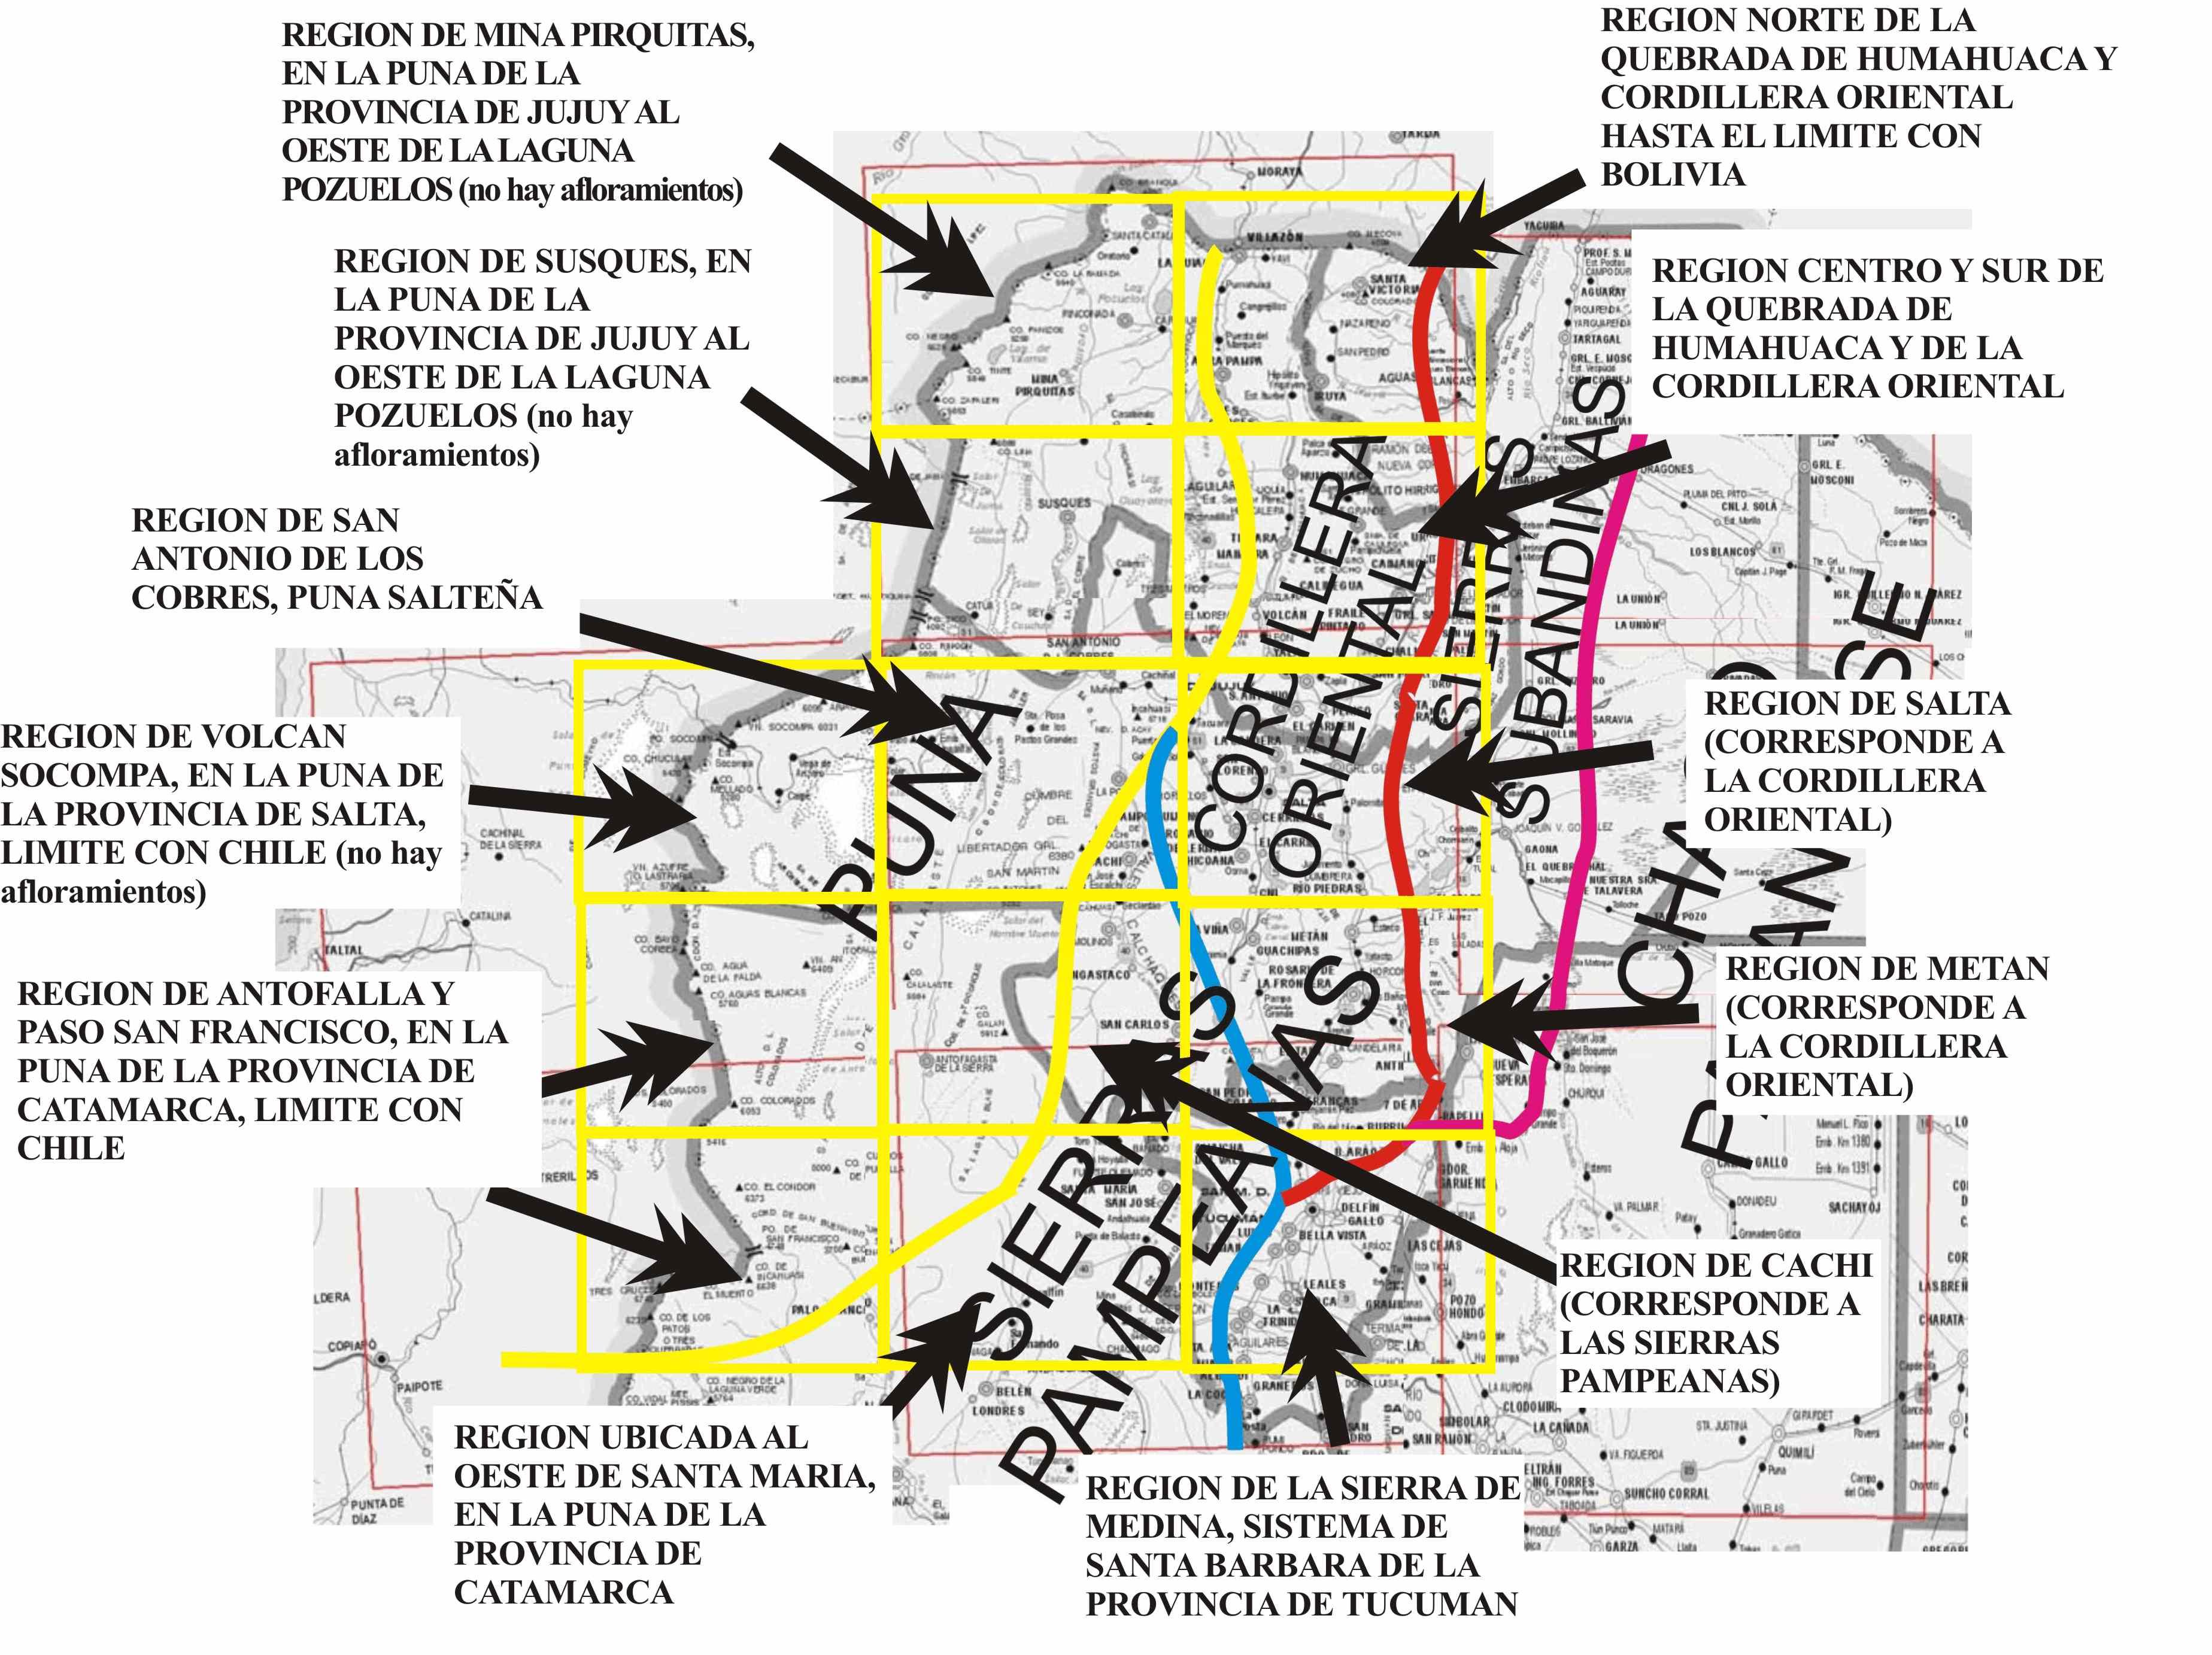 Mapa de la Quebrada de Humahuaca Argentina la Quebrada de Humahuaca